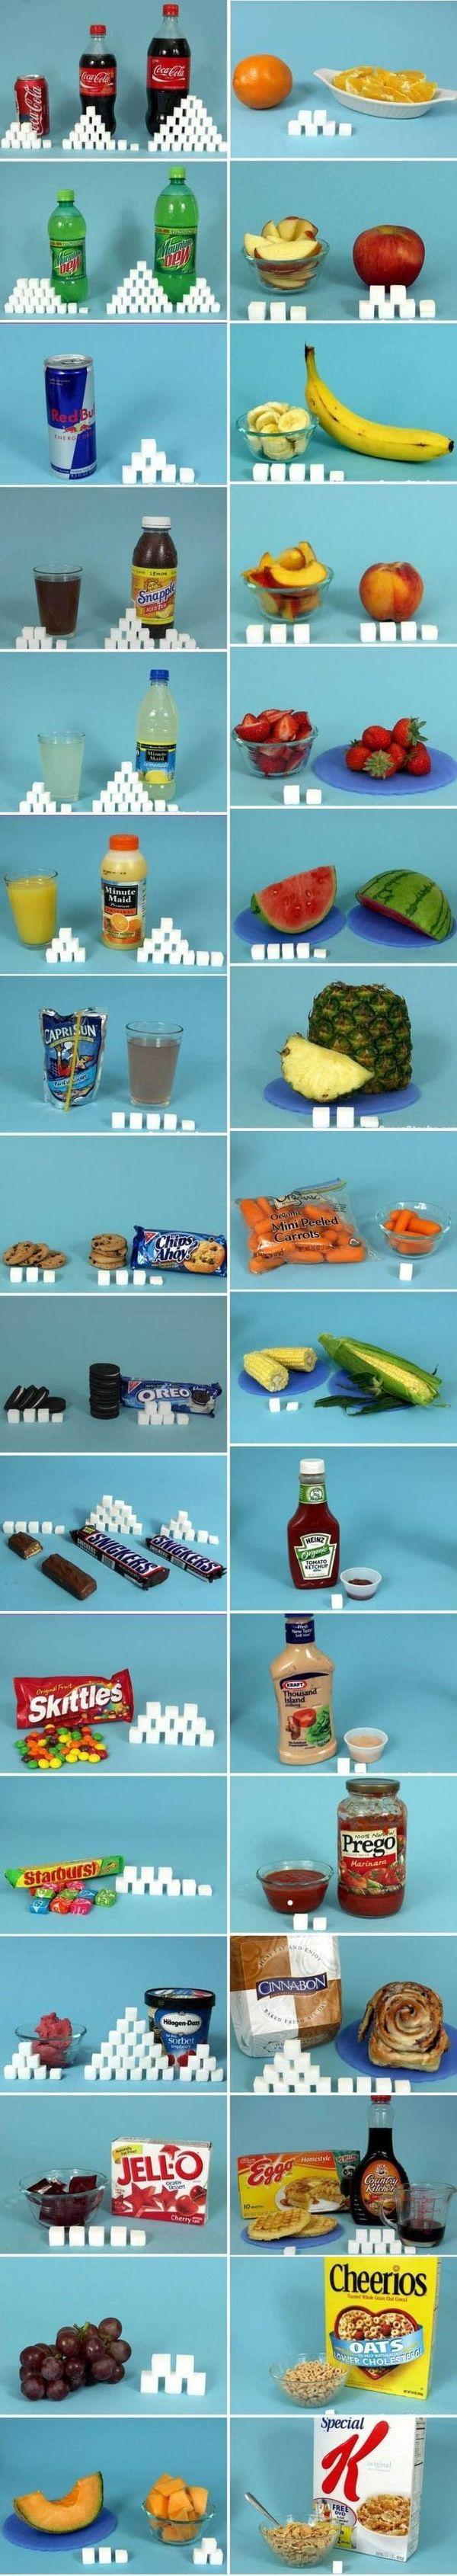 Wie viel Zucker essen und trinken wir?